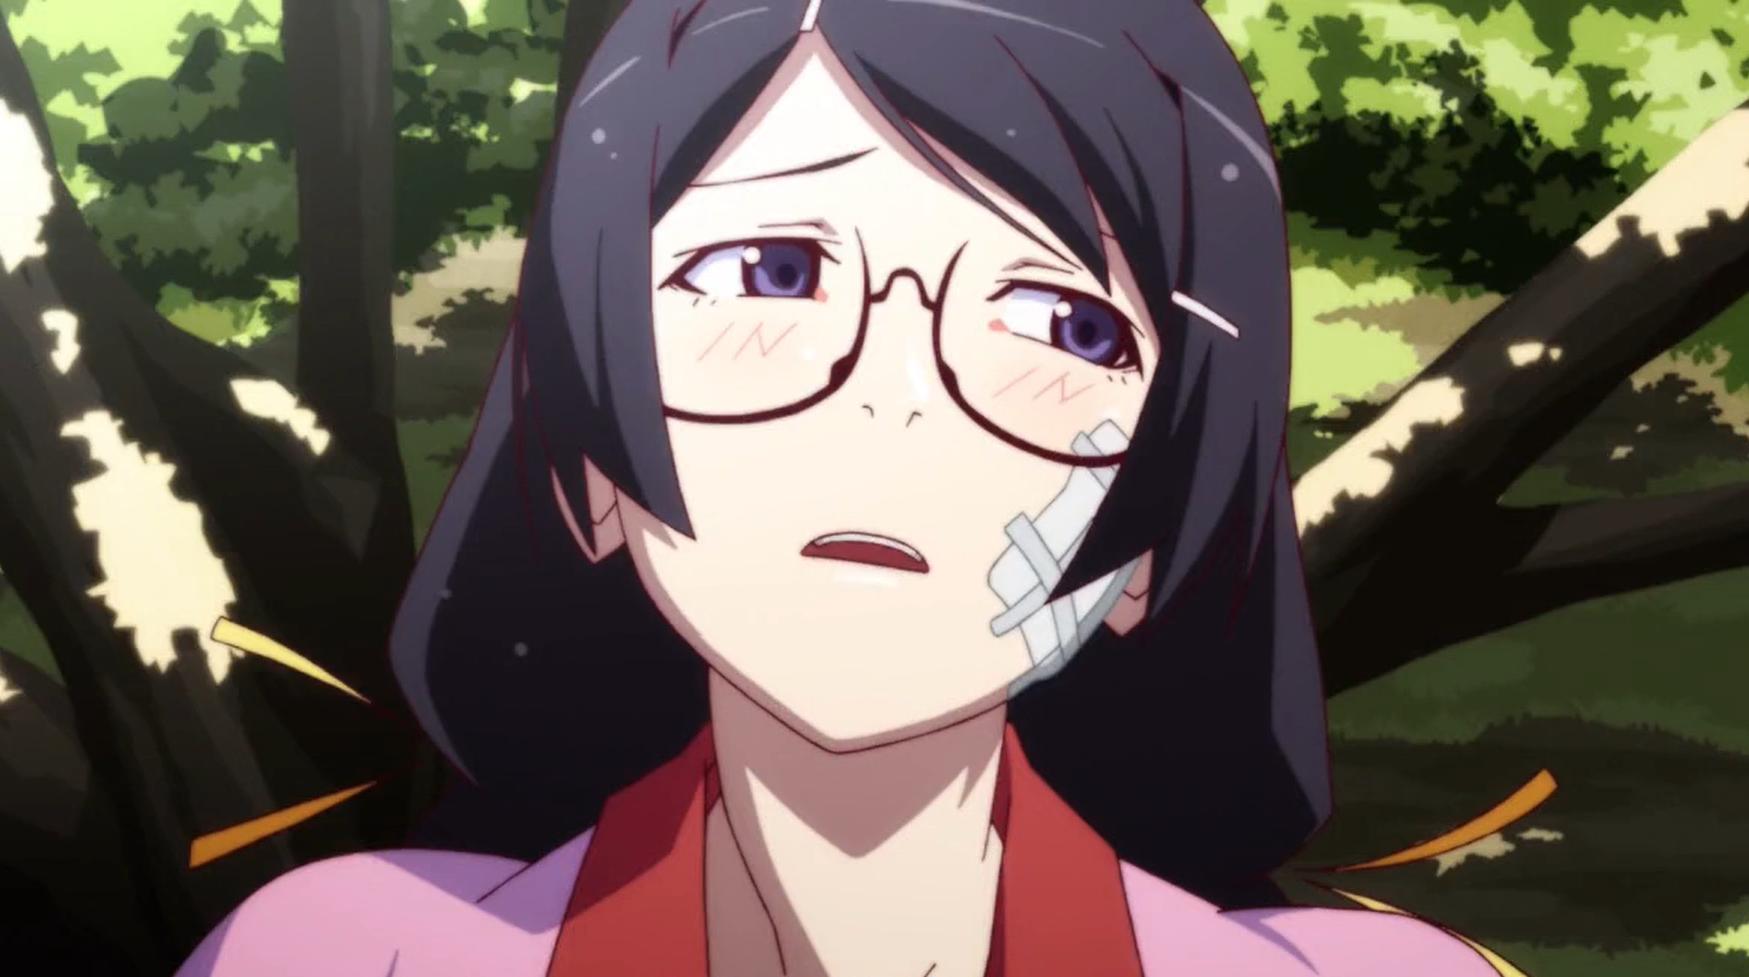 摘下眼鏡十八變,「眼鏡封印術」下的絕美少女